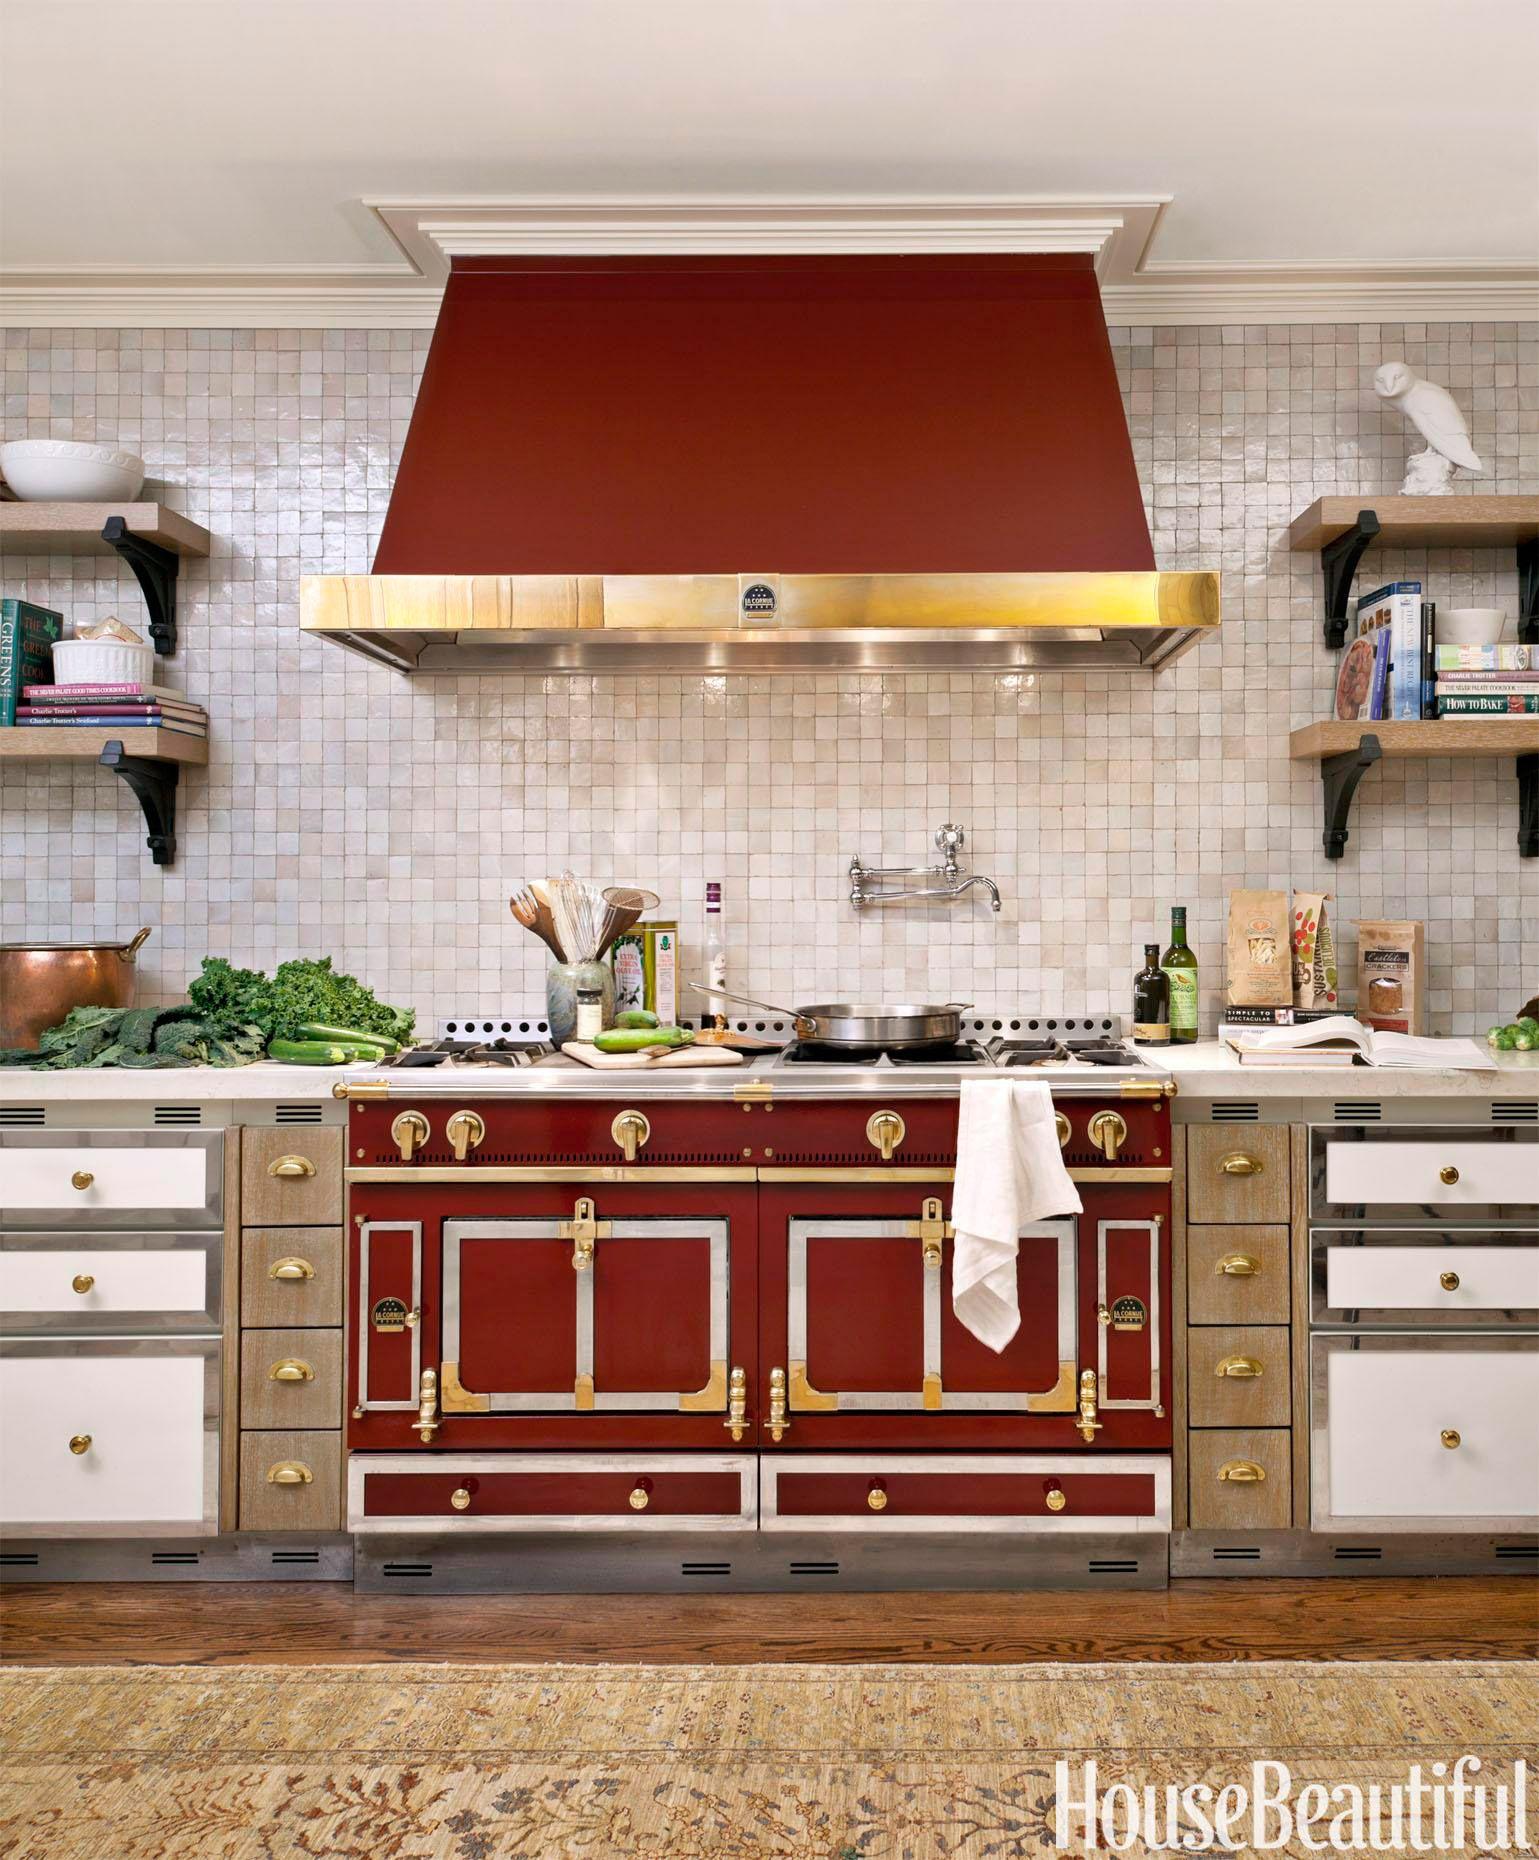 55 Inspiring Ideas To Update Your Kitchen  City Kitchen Design Impressive Designed Kitchen Appliances Inspiration Design